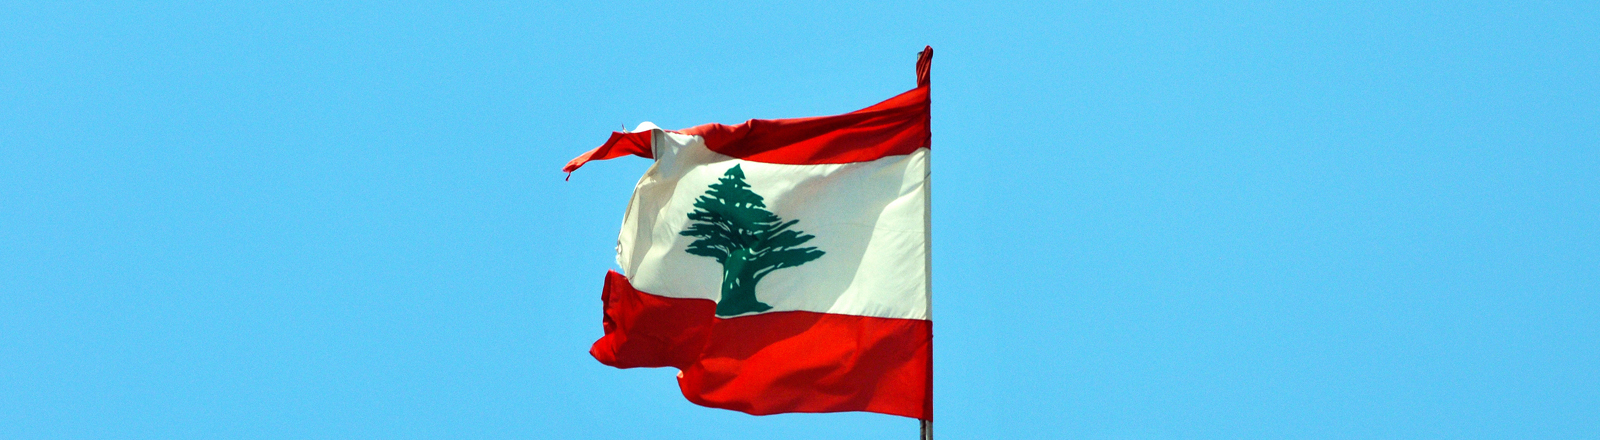 Libanesische Flagge mit dem Zedernbaum an einem Gebäude in Beirut, aufgenommen am 28.04.2014.